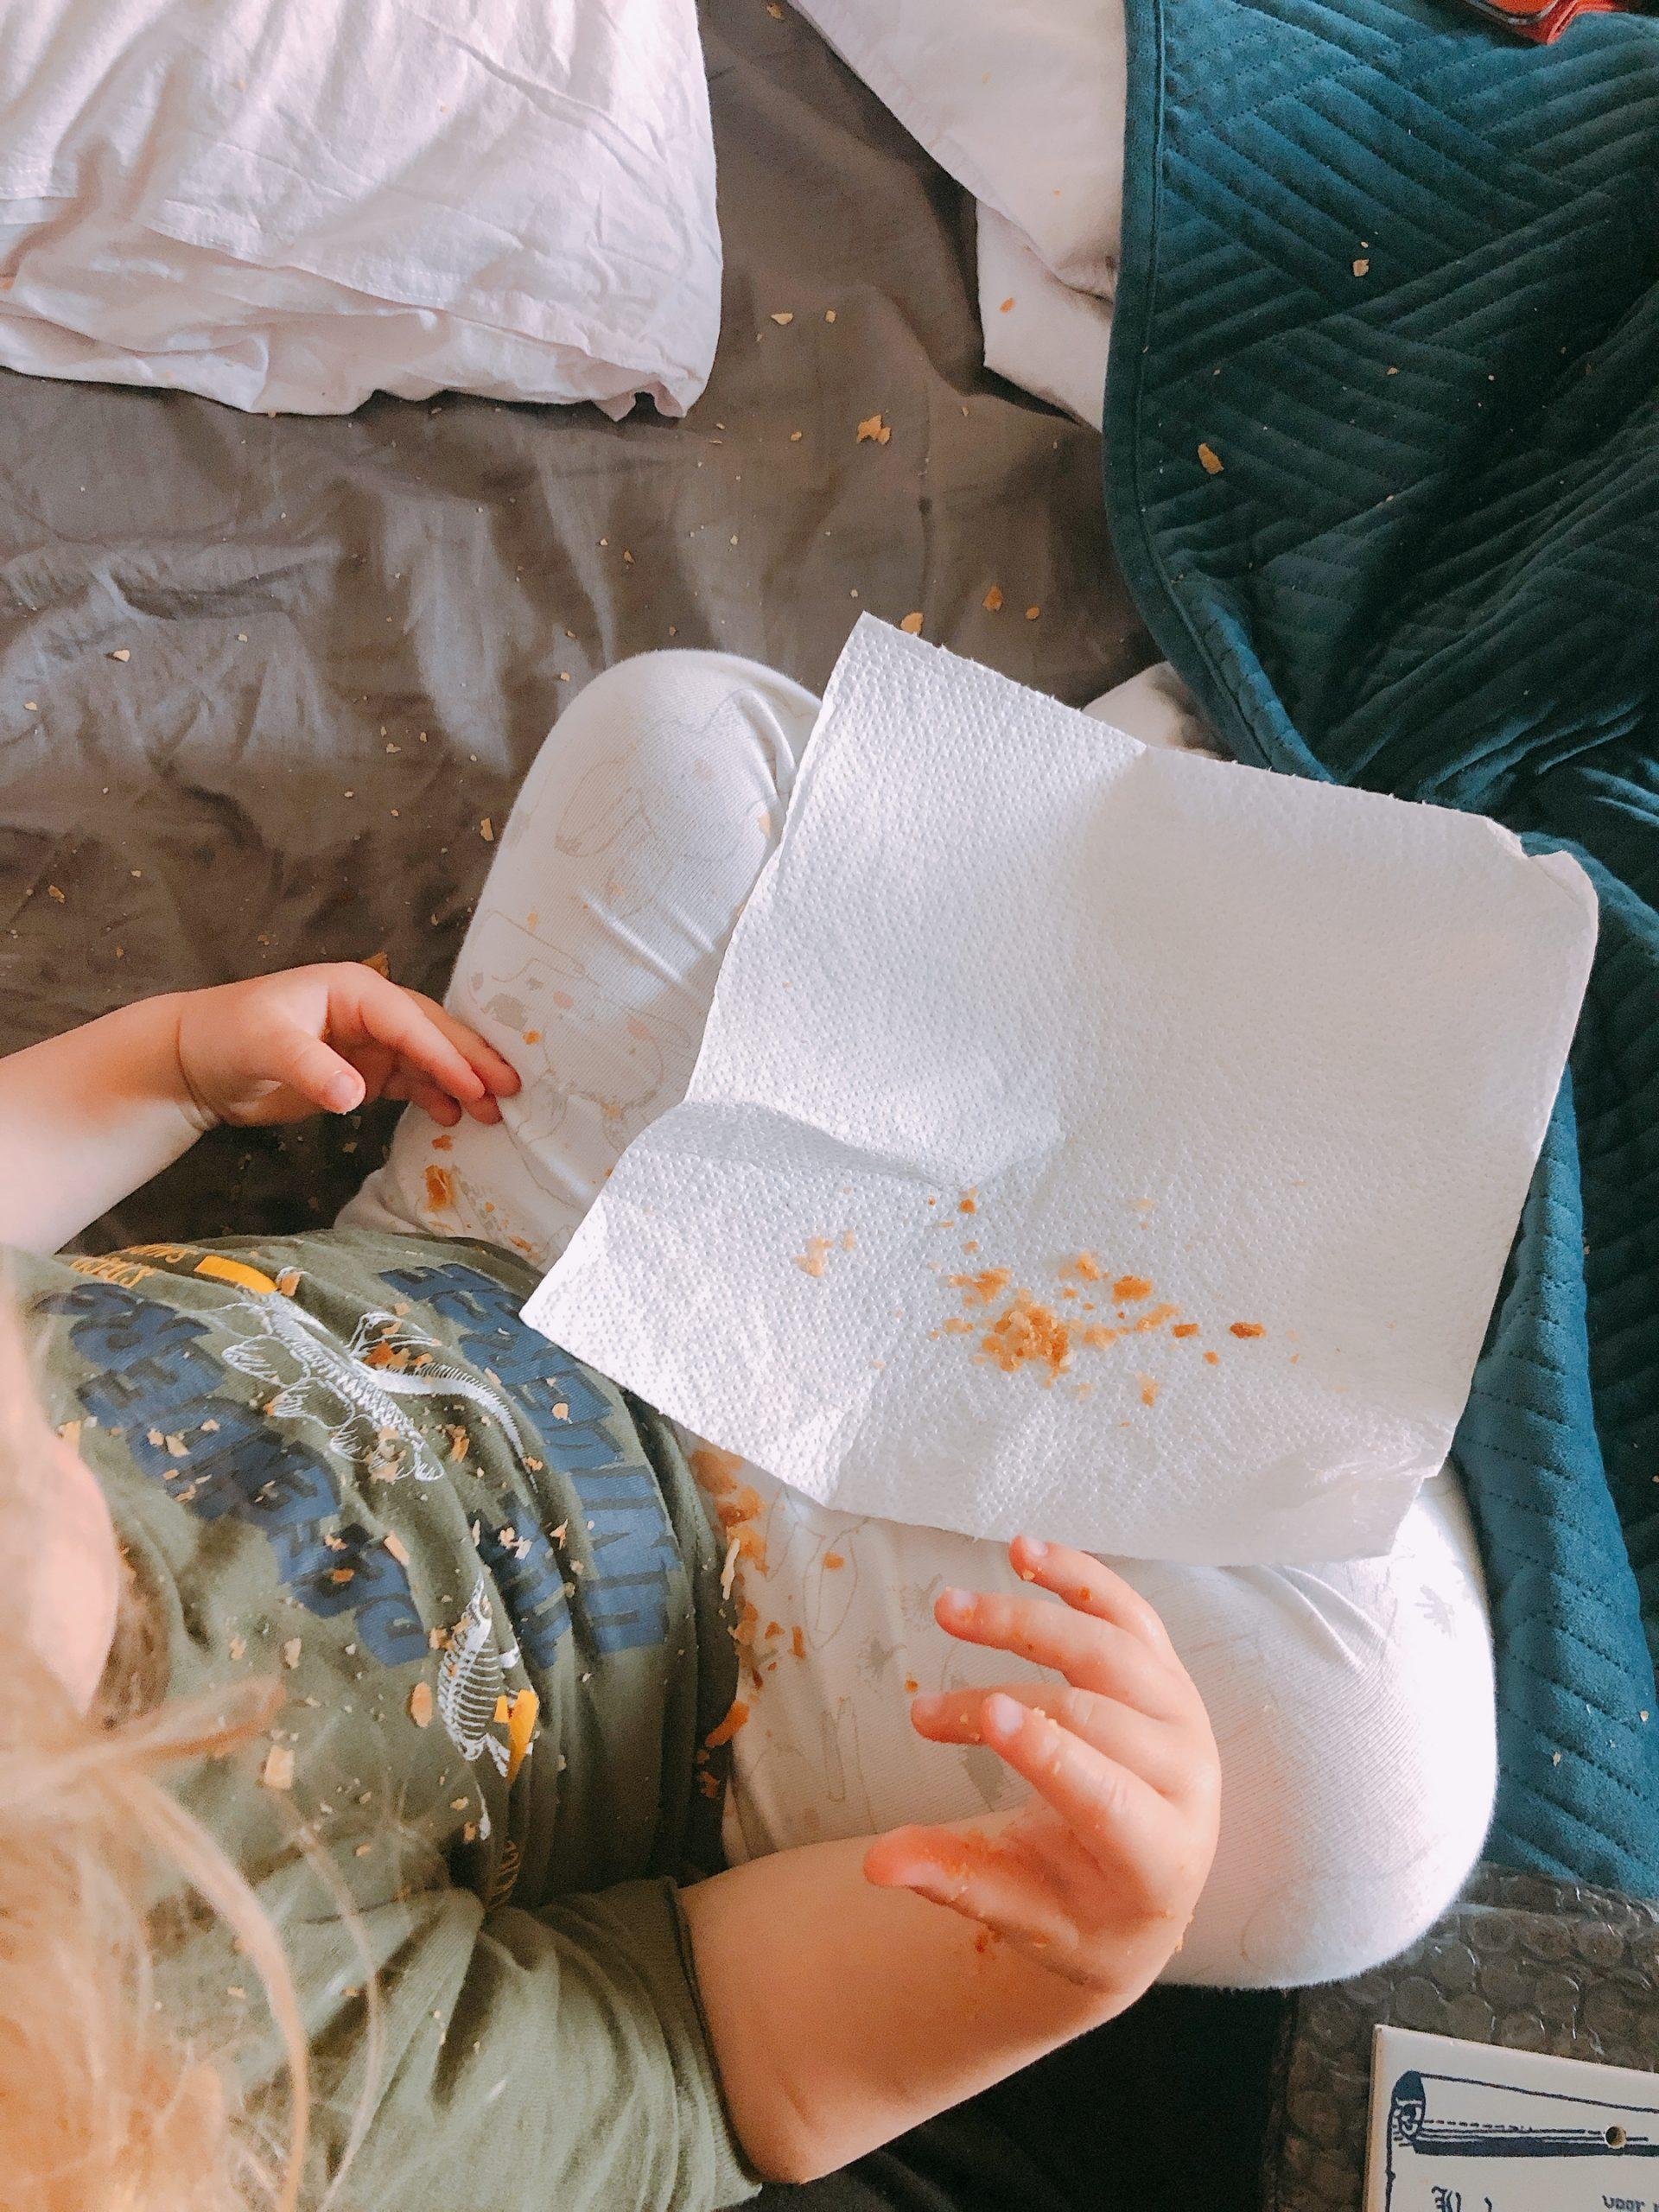 IMG 6790 scaled - Elise's Weekly Pictorama #32 - Moederdag vieren & kindjes terug naar school!